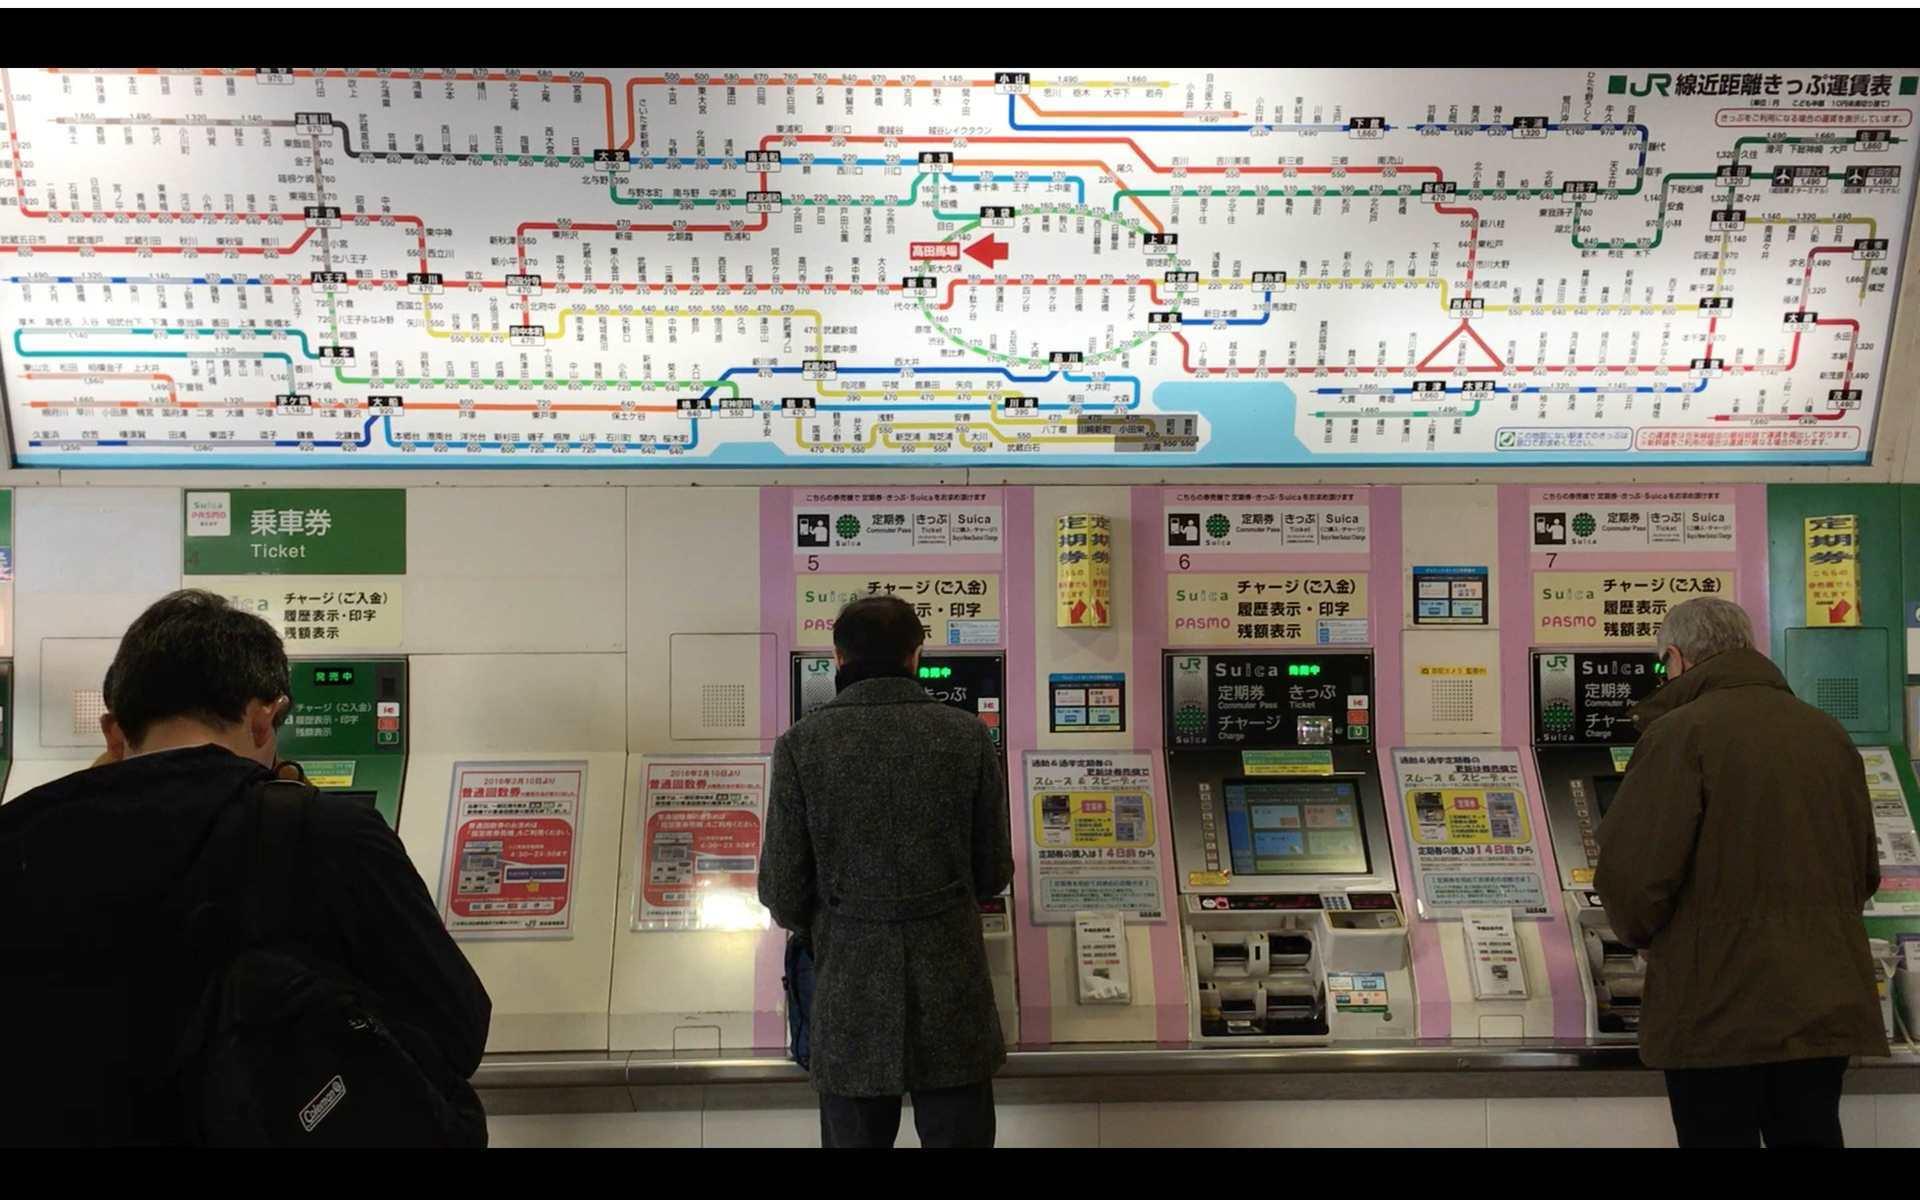 还有这种操作?用名车名表炫富不算啥,看看人家连火车都是私人的……